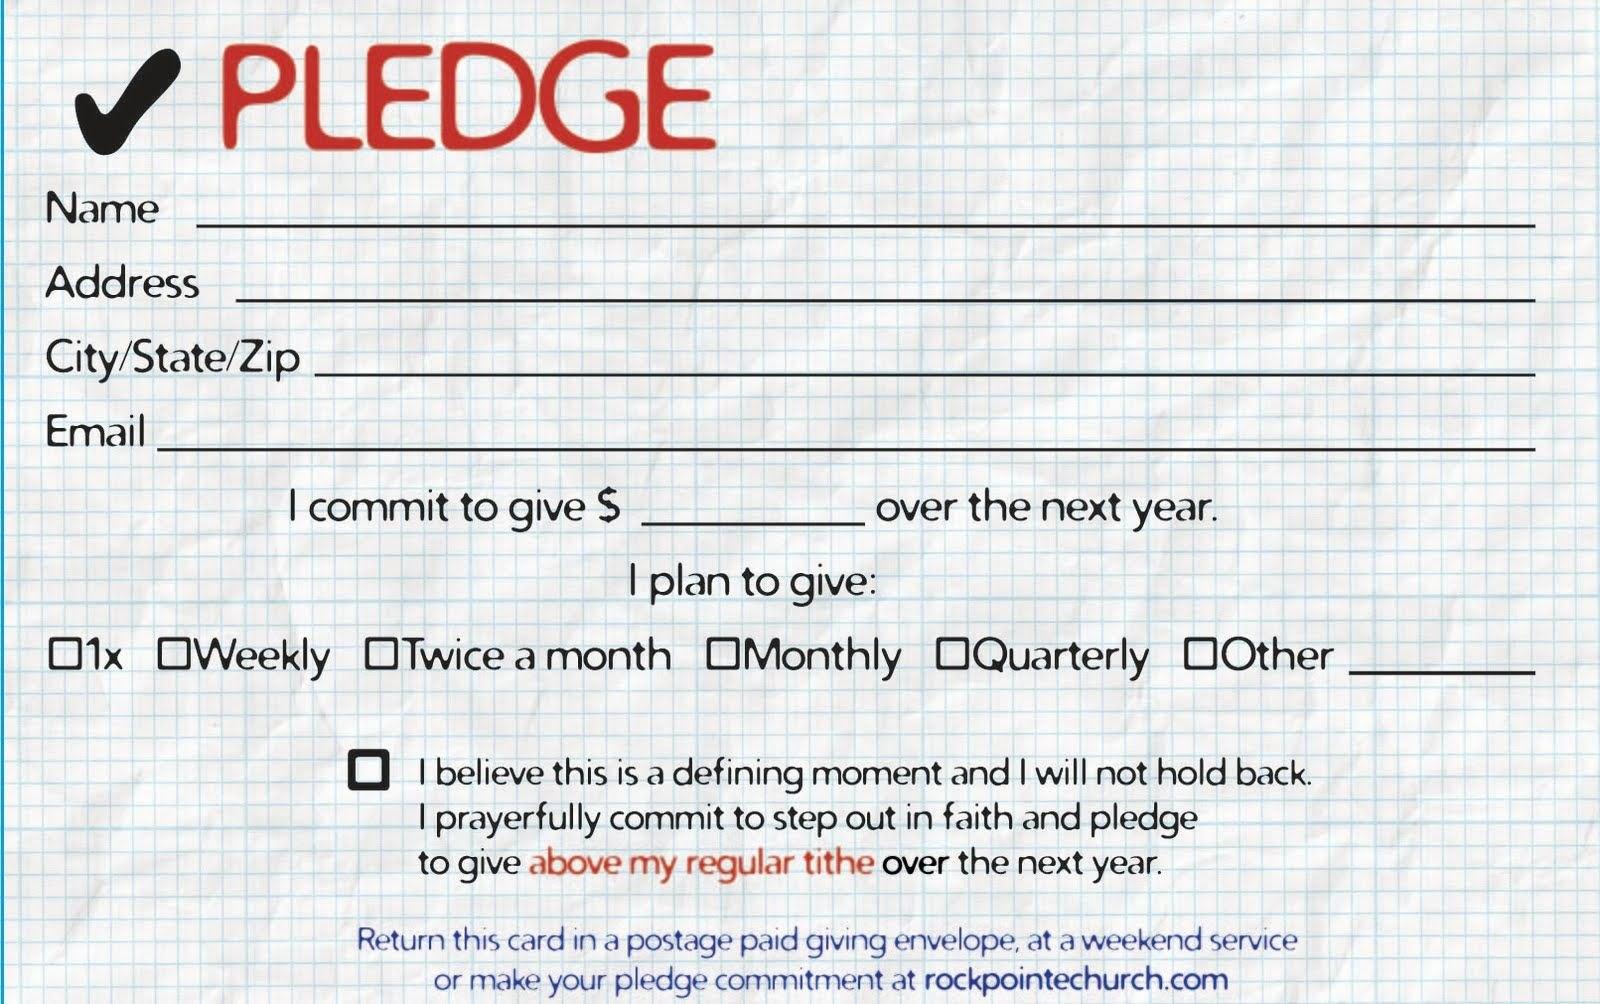 Pledge Cards For Churches  Pledge Card Templates  My Stuff Pertaining To Pledge Card Template For Church